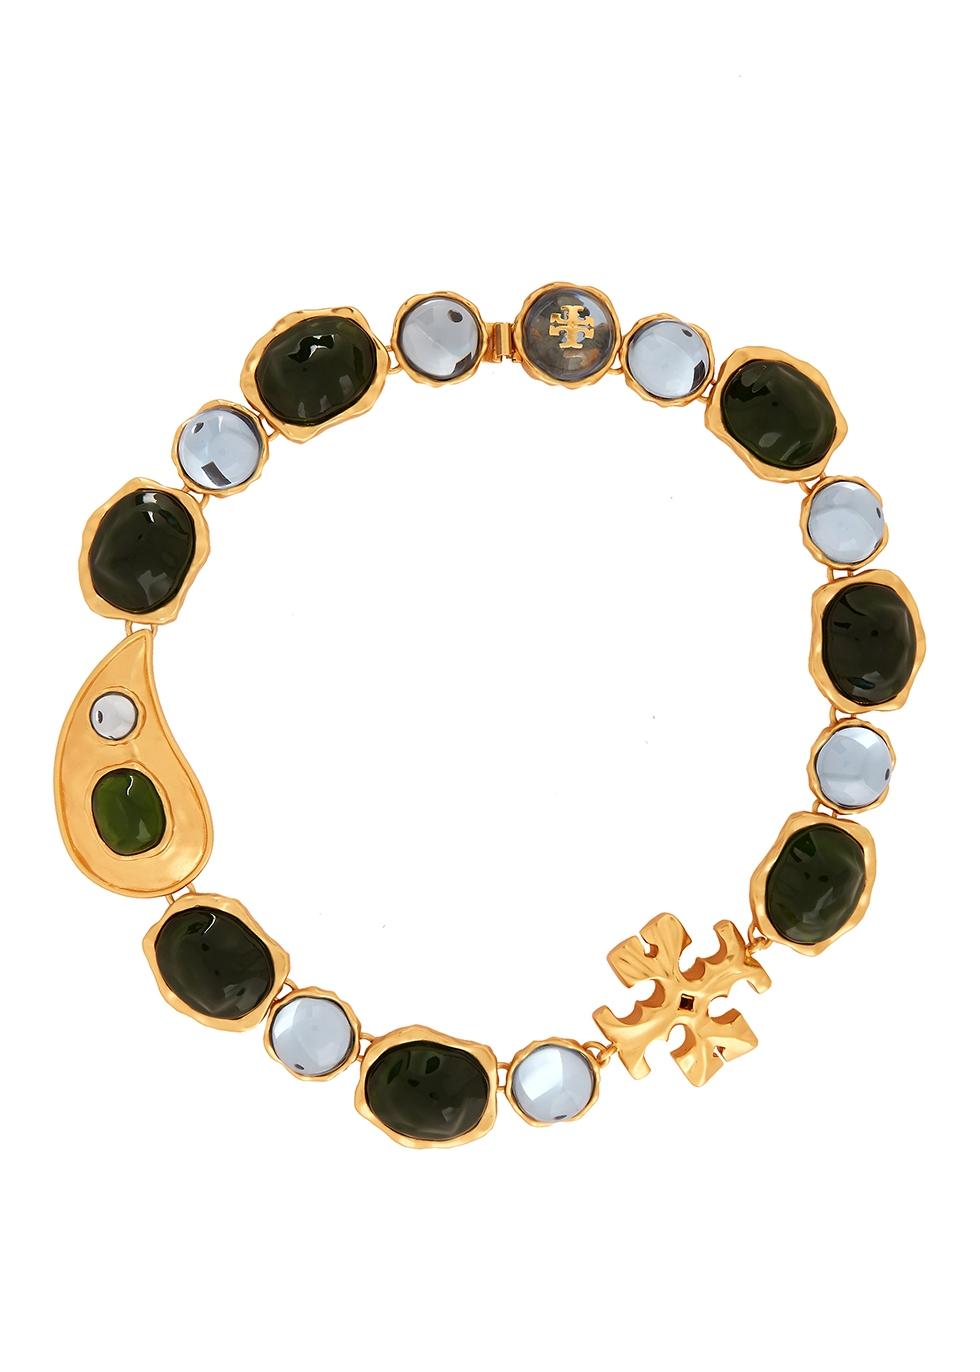 Bandana Paisley embellished gold-plated necklace